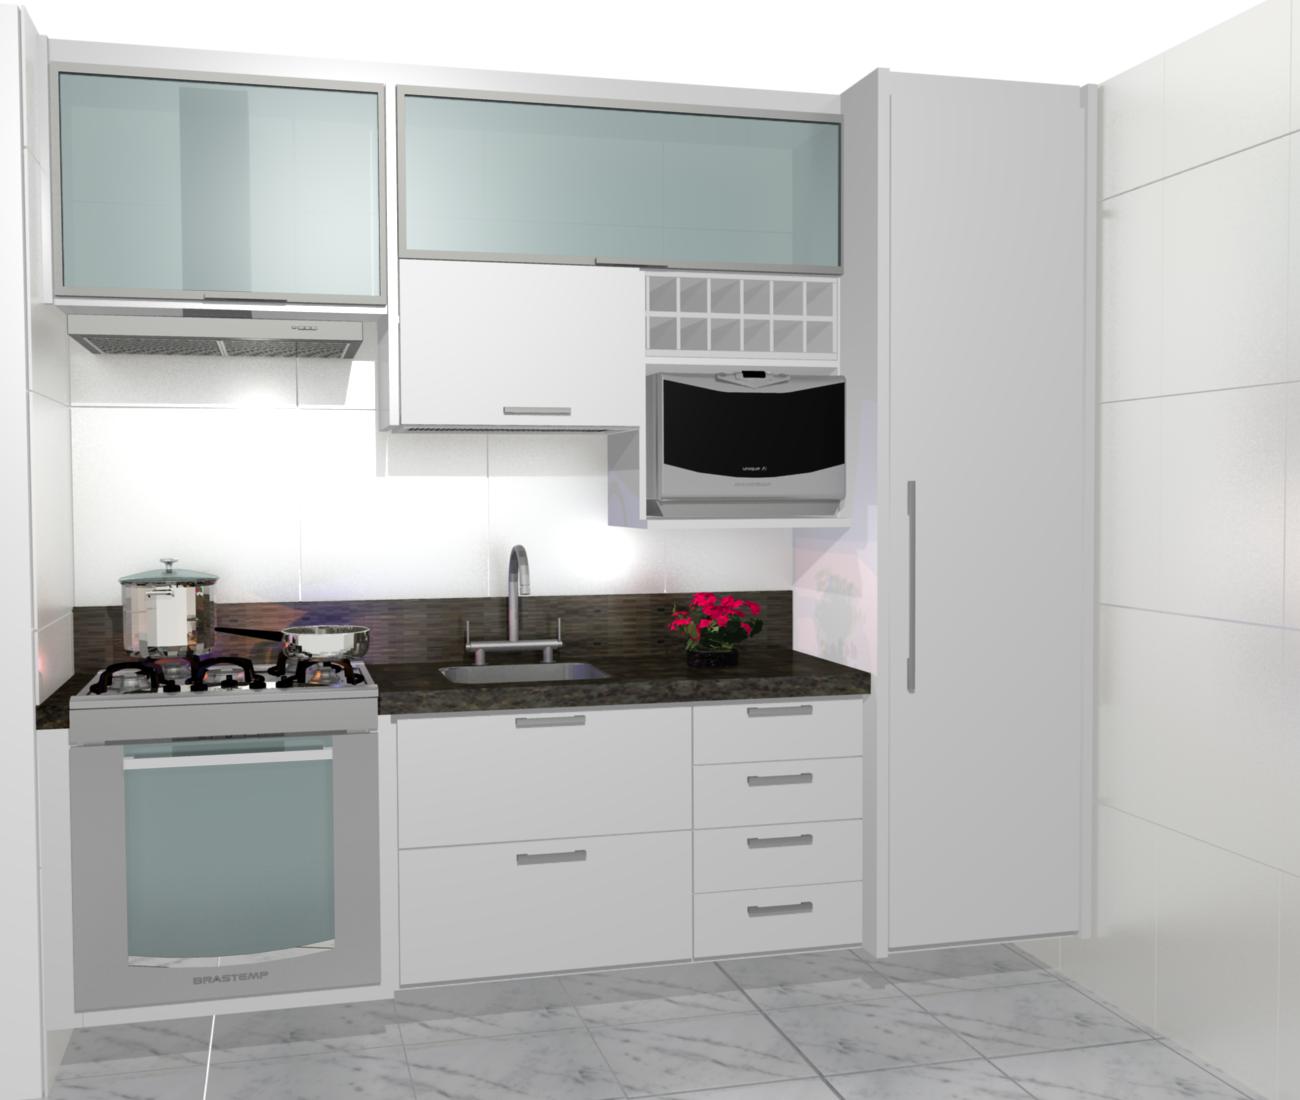 Cozinha Planejadas Pequenas Decorada Americana Modulada Luxo Moderna